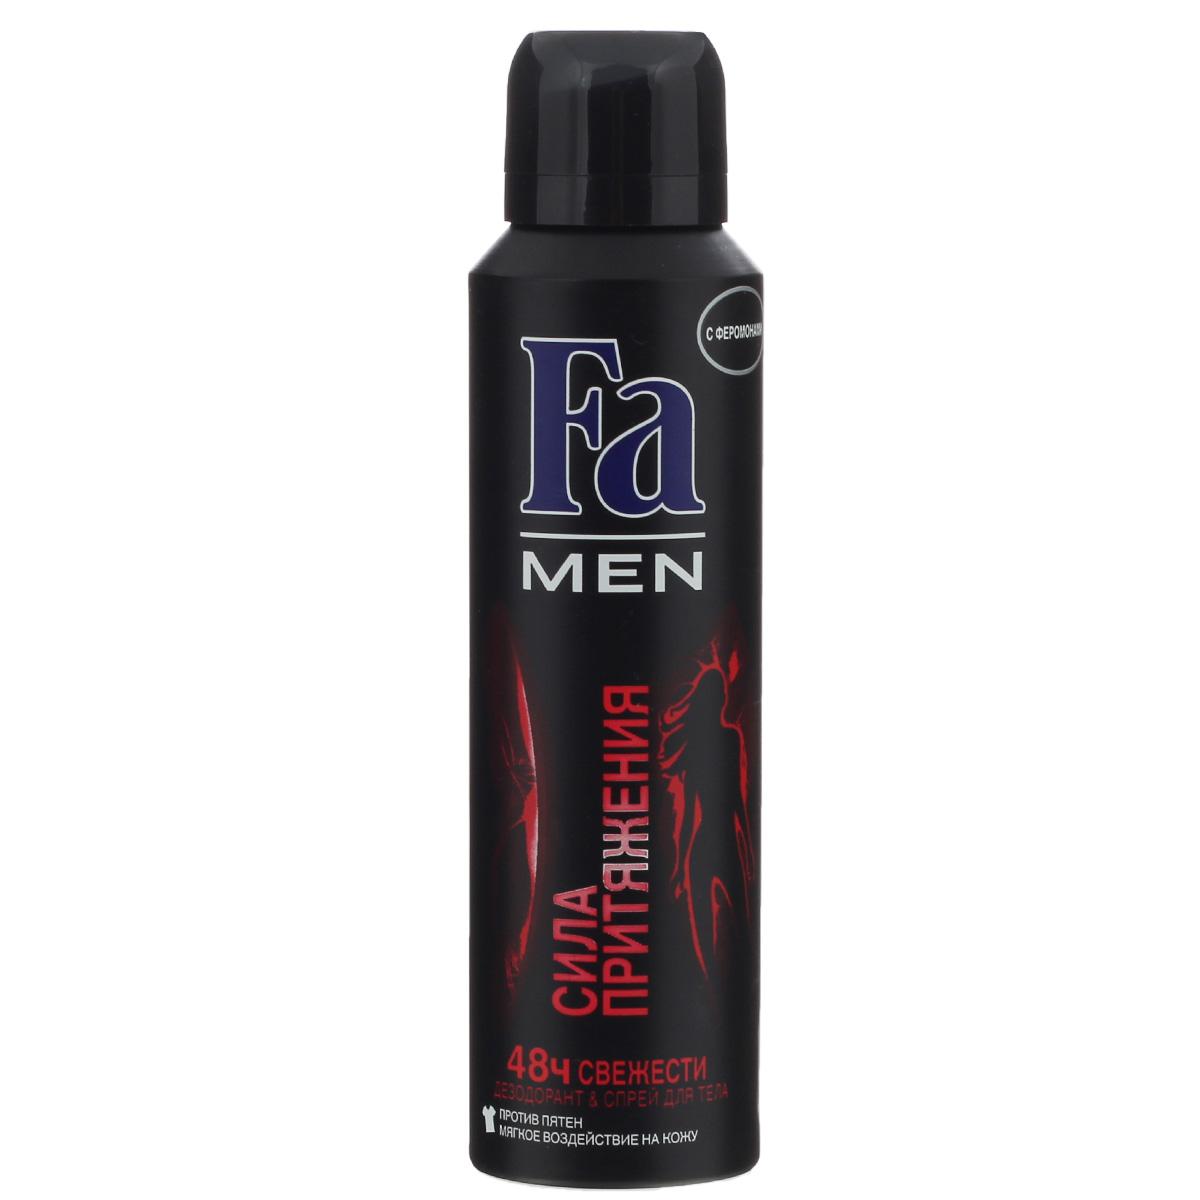 FA MEN Дезодорант-аэрозоль Сила Притяжения, 150 млSatin Hair 7 BR730MNFA MEN Дезодорант & спрей для тела Сила Притяжения - Откройте для себя длительную део-защиту на 48 ч и секрет неотразимого обаяния благодаря особой формуле с феромонами. Эффективная защита против запаха пота на 48 часа и длительная и притягательная свежесть. - Без белых пятен- Бережная формула защищает и заботится о коже- Хорошая переносимость кожей подтверждена дерматологамиПрименение: Тщательно встряхнуть. Короткими нажатиями распылять дезодорант в области подмышек с расстояния 15 см.Также почувствуйте притягательную свежесть, принимая душ с гелем для душа Fa Men Сила Притяжения.